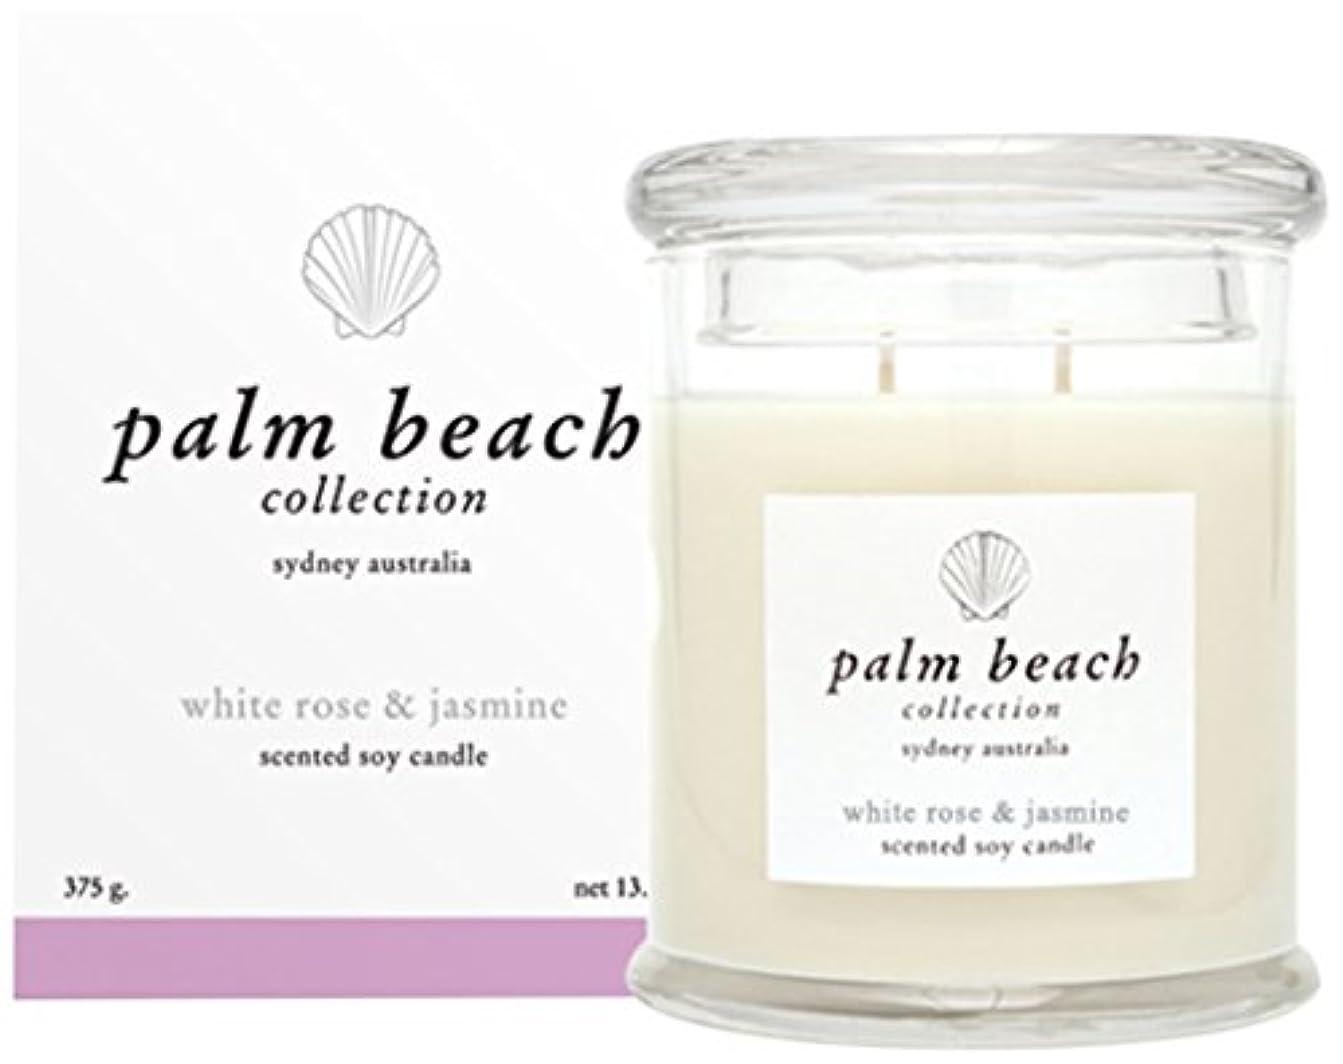 十分な韓国グラマーパームビーチコレクション ソイワックススタンダードキャンドル ホワイトローズ&ジャスミン Palm Beach Collection